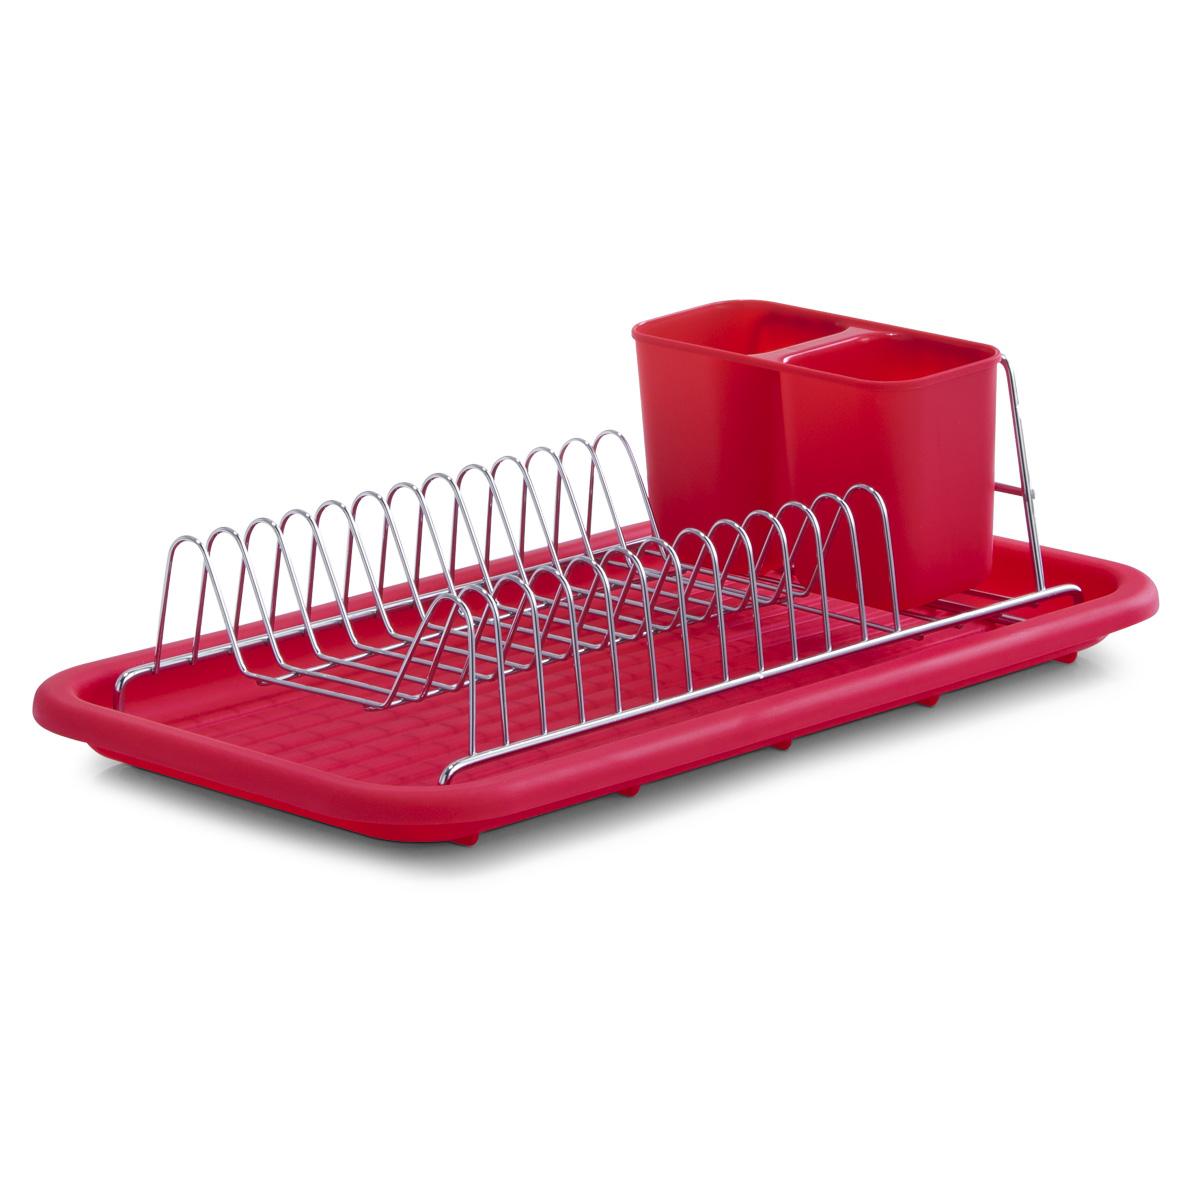 Подставка для сушки посуды Zeller, цвет: красный24899Подставка для сушки посуды Zeller выполнена из нержавеющей стали с хромированным покрытием и оснащена пластиковым поддоном и подставкой для приборов. В сушилке предусмотрены отделения для тарелок и для столовых приборов. Отделение для столовых приборов, разделенное на две секции, при необходимости вынимается. Благодаря конструкции с вместительным поддоном для сбора воды, вы не будете тратить время на вытирание посуды после мытья. Стильный, современный и лаконичный дизайн сделает сушилку Zeller прекрасным дополнением интерьера вашей кухни. Размер поддона: 44 см х 24 см х 3 см. Размер подставки для столовых приборов: 15,5 см х 9,5 см х 8 см. Размер подставки для тарелок: 18 см х 35,5 см х 10,5 см.